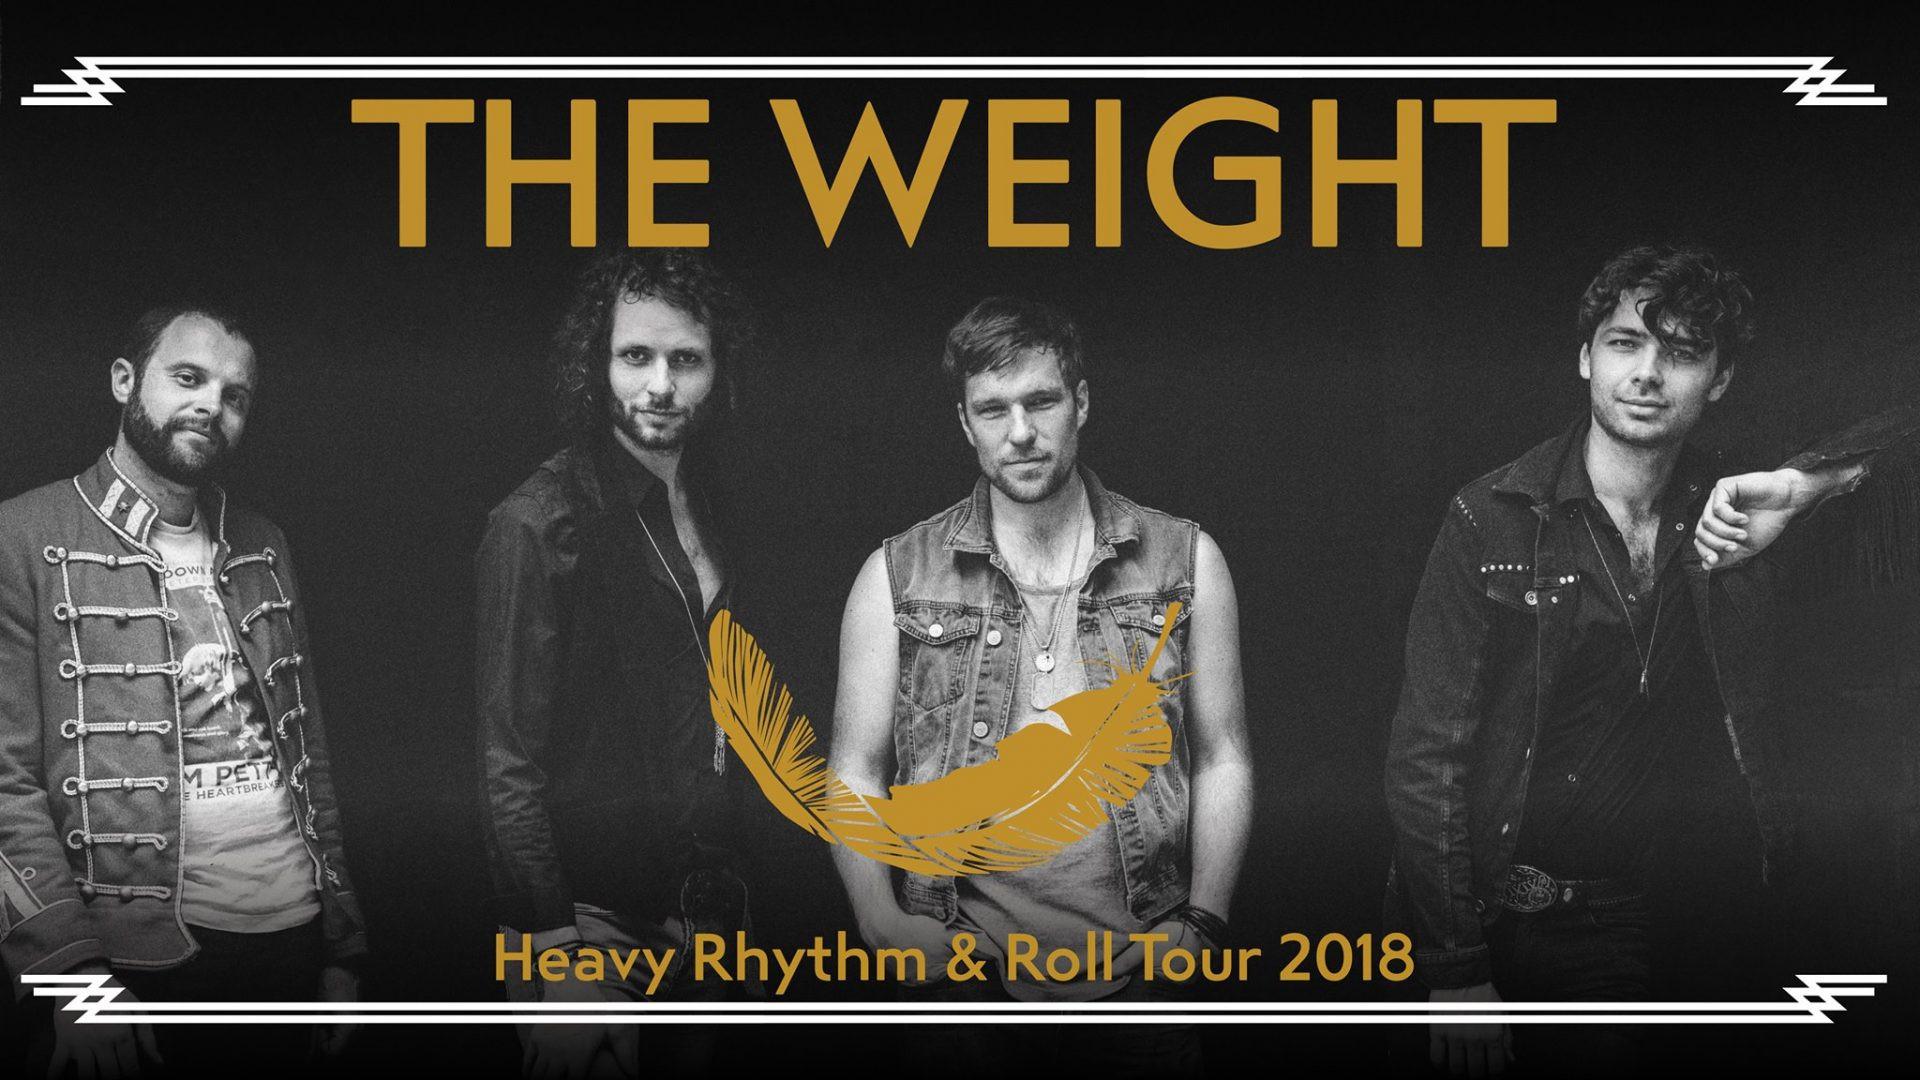 The Weight & Special Guest: The New Roses @Szene Wien am 21. December 2018 @ Szene Wien.